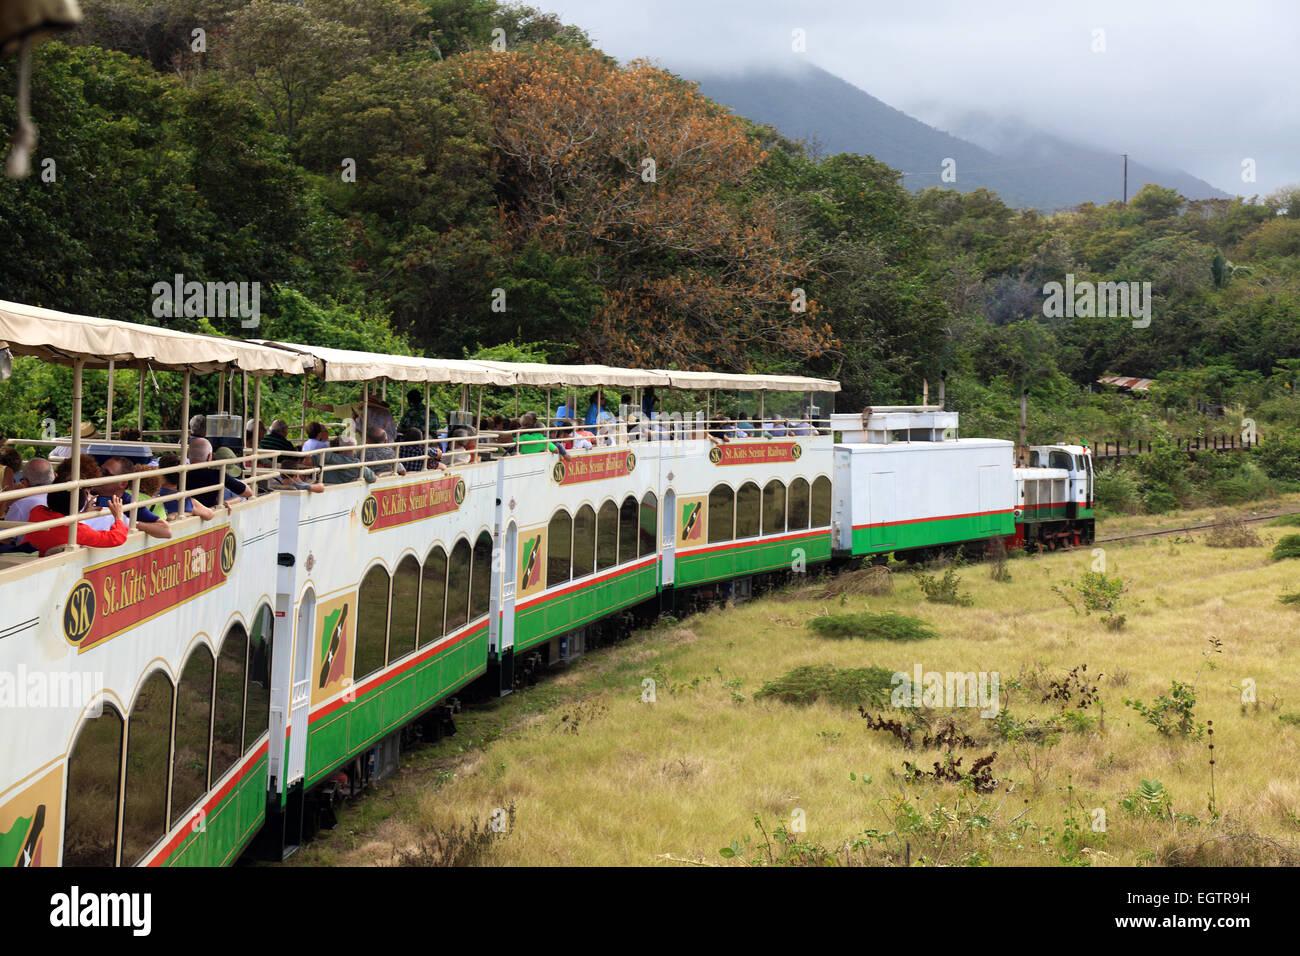 Ferrocarril escénico que lleva a los turistas a un paseo a través de las antiguas plantaciones de caña Imagen De Stock